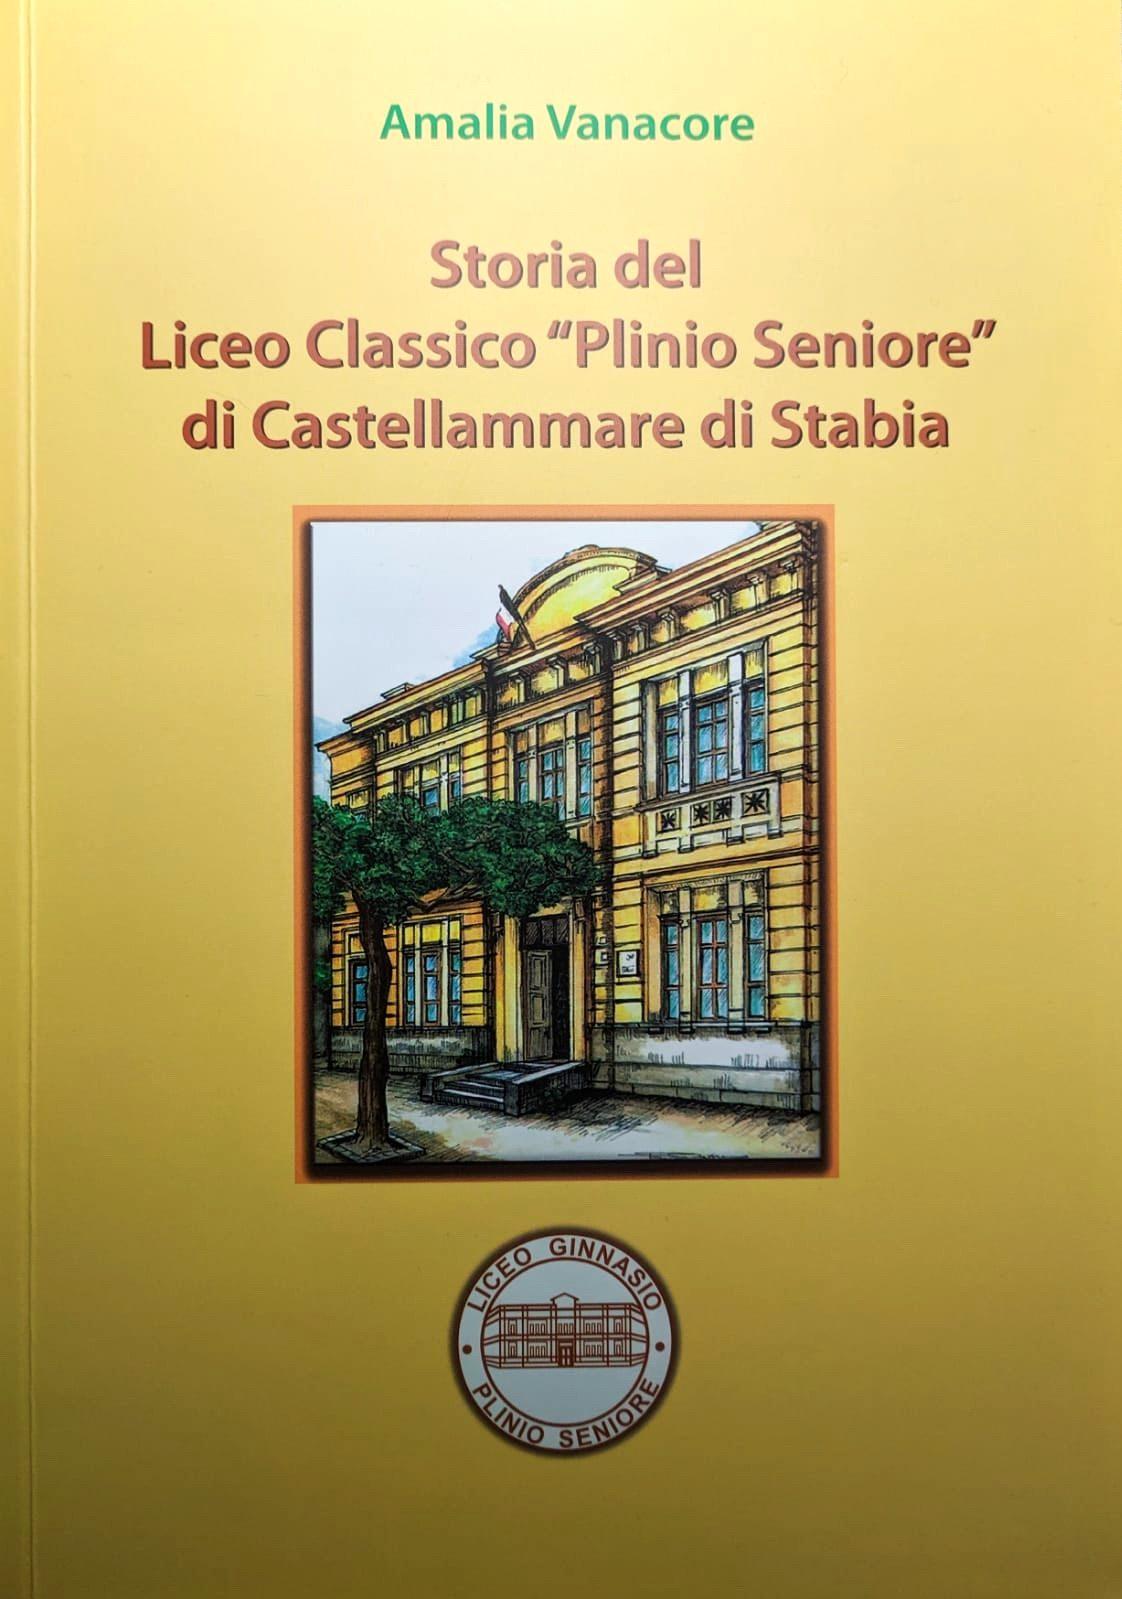 """Storia del Liceo Classico """"Plinio Seniore"""" di Castellammare di Stabia"""